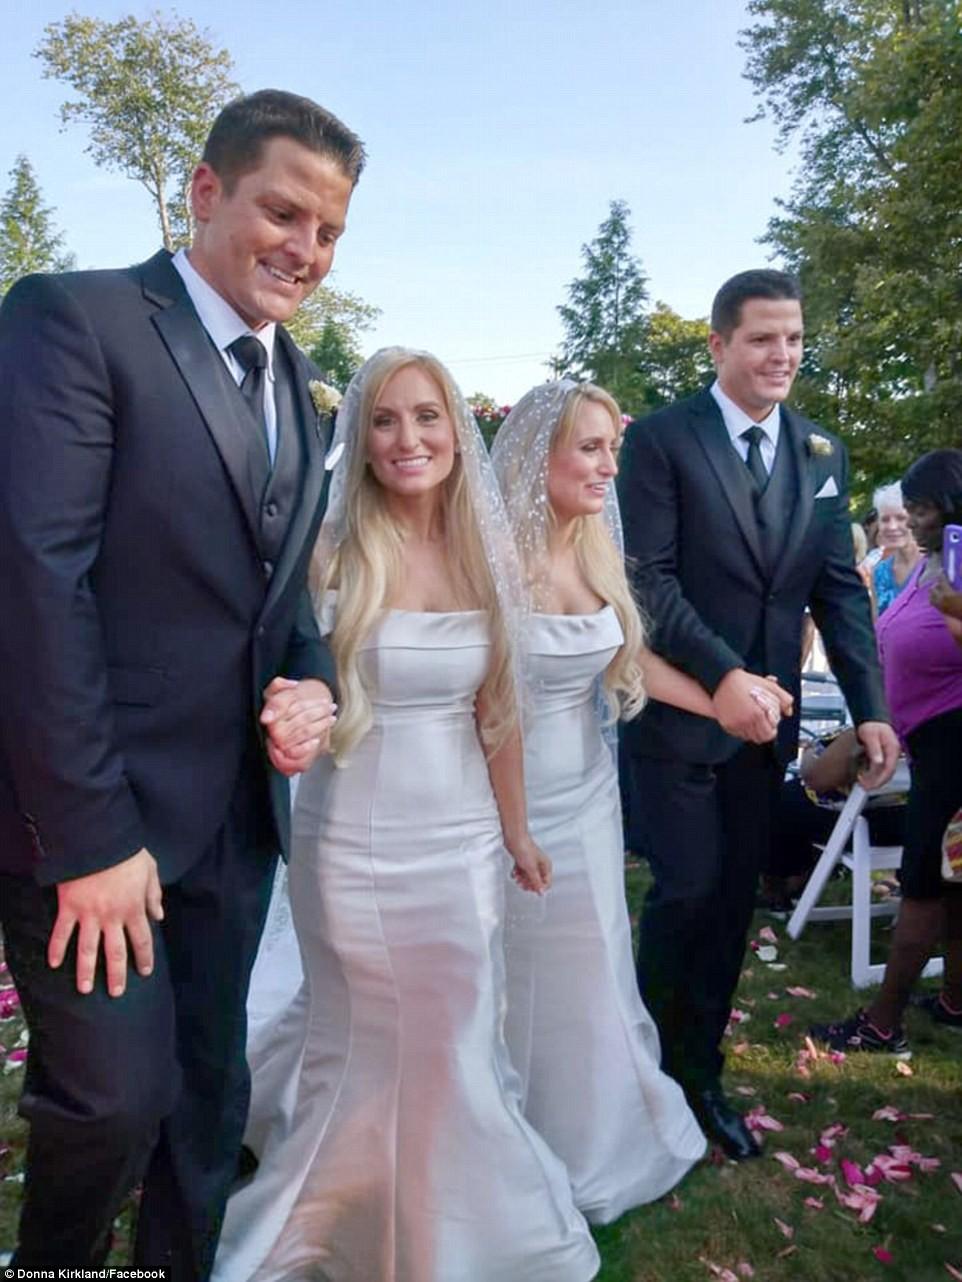 """Eles se conheceram no no evento """"Twins Day Festival"""" do ano passado - o maior encontro anual de gêmeos do mundo. (Foto: Reprodução/ Facebook)"""